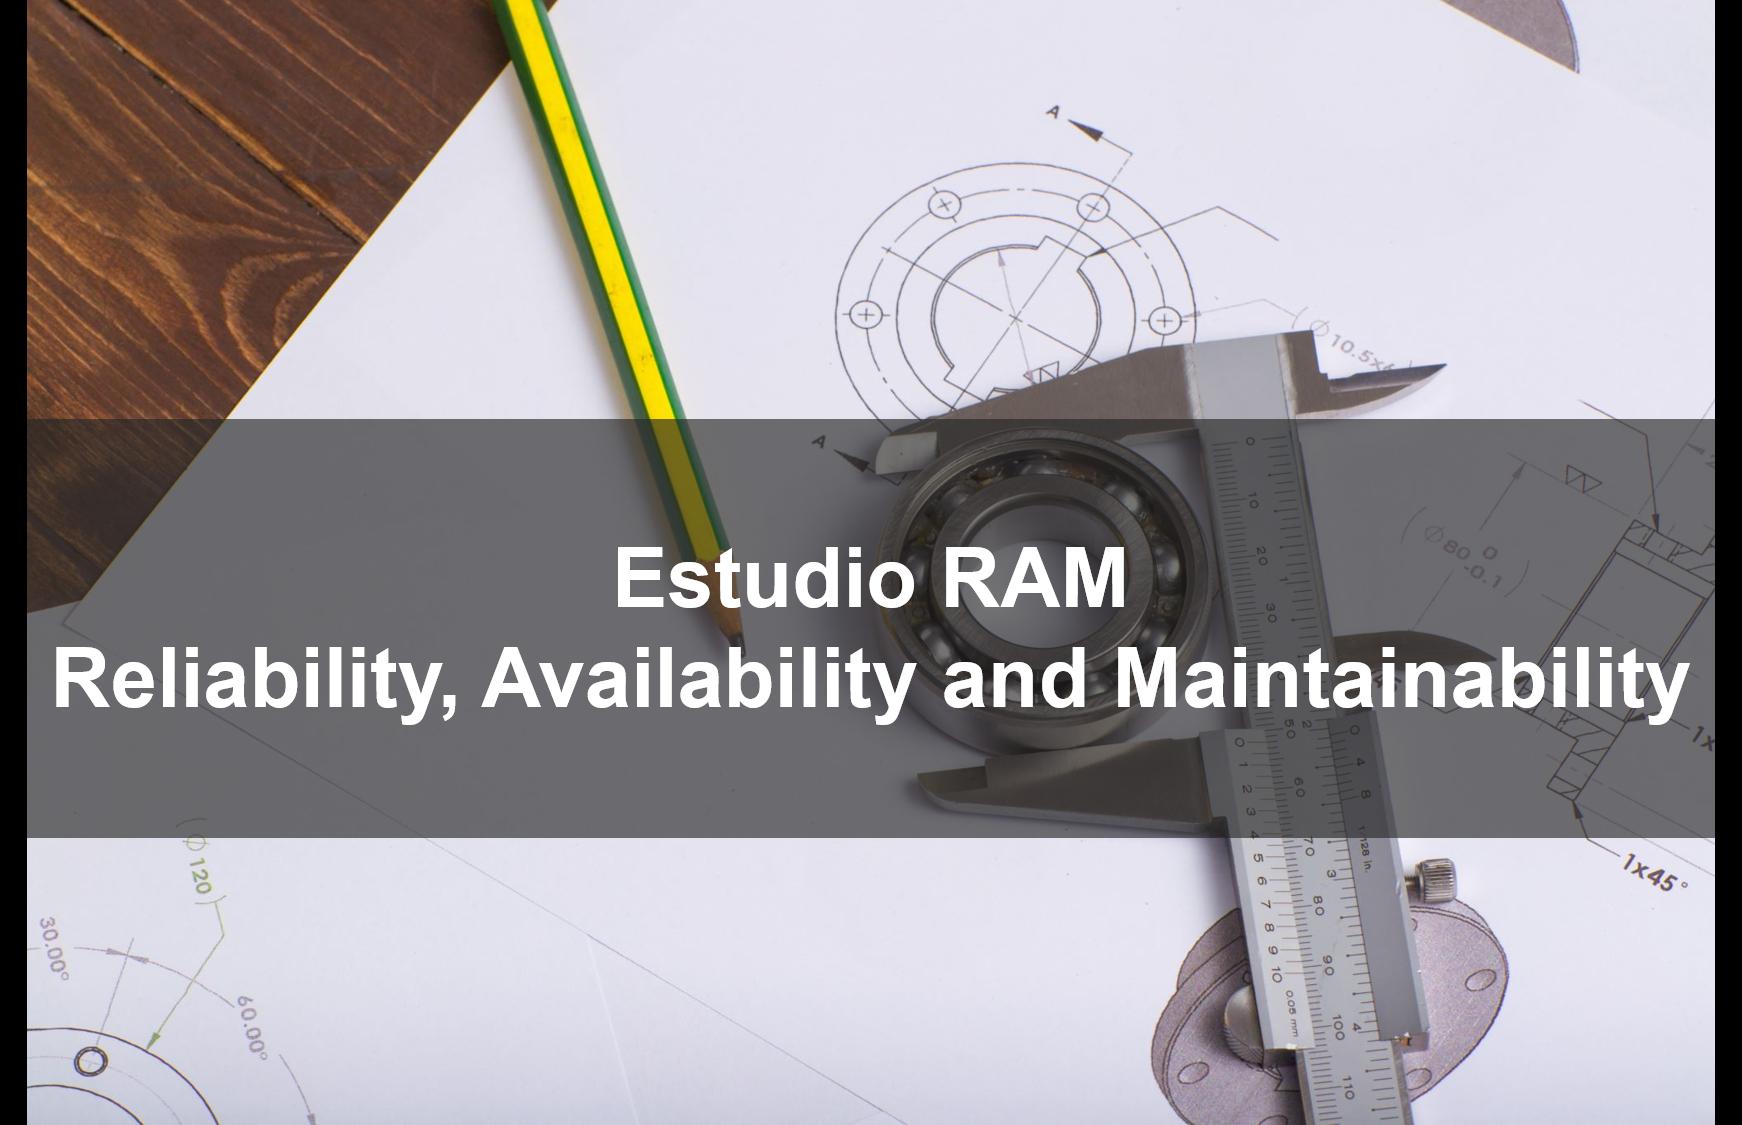 Estudio RAM: Optimización de la Disponibilidad y del Mantenimiento desde el Diseño